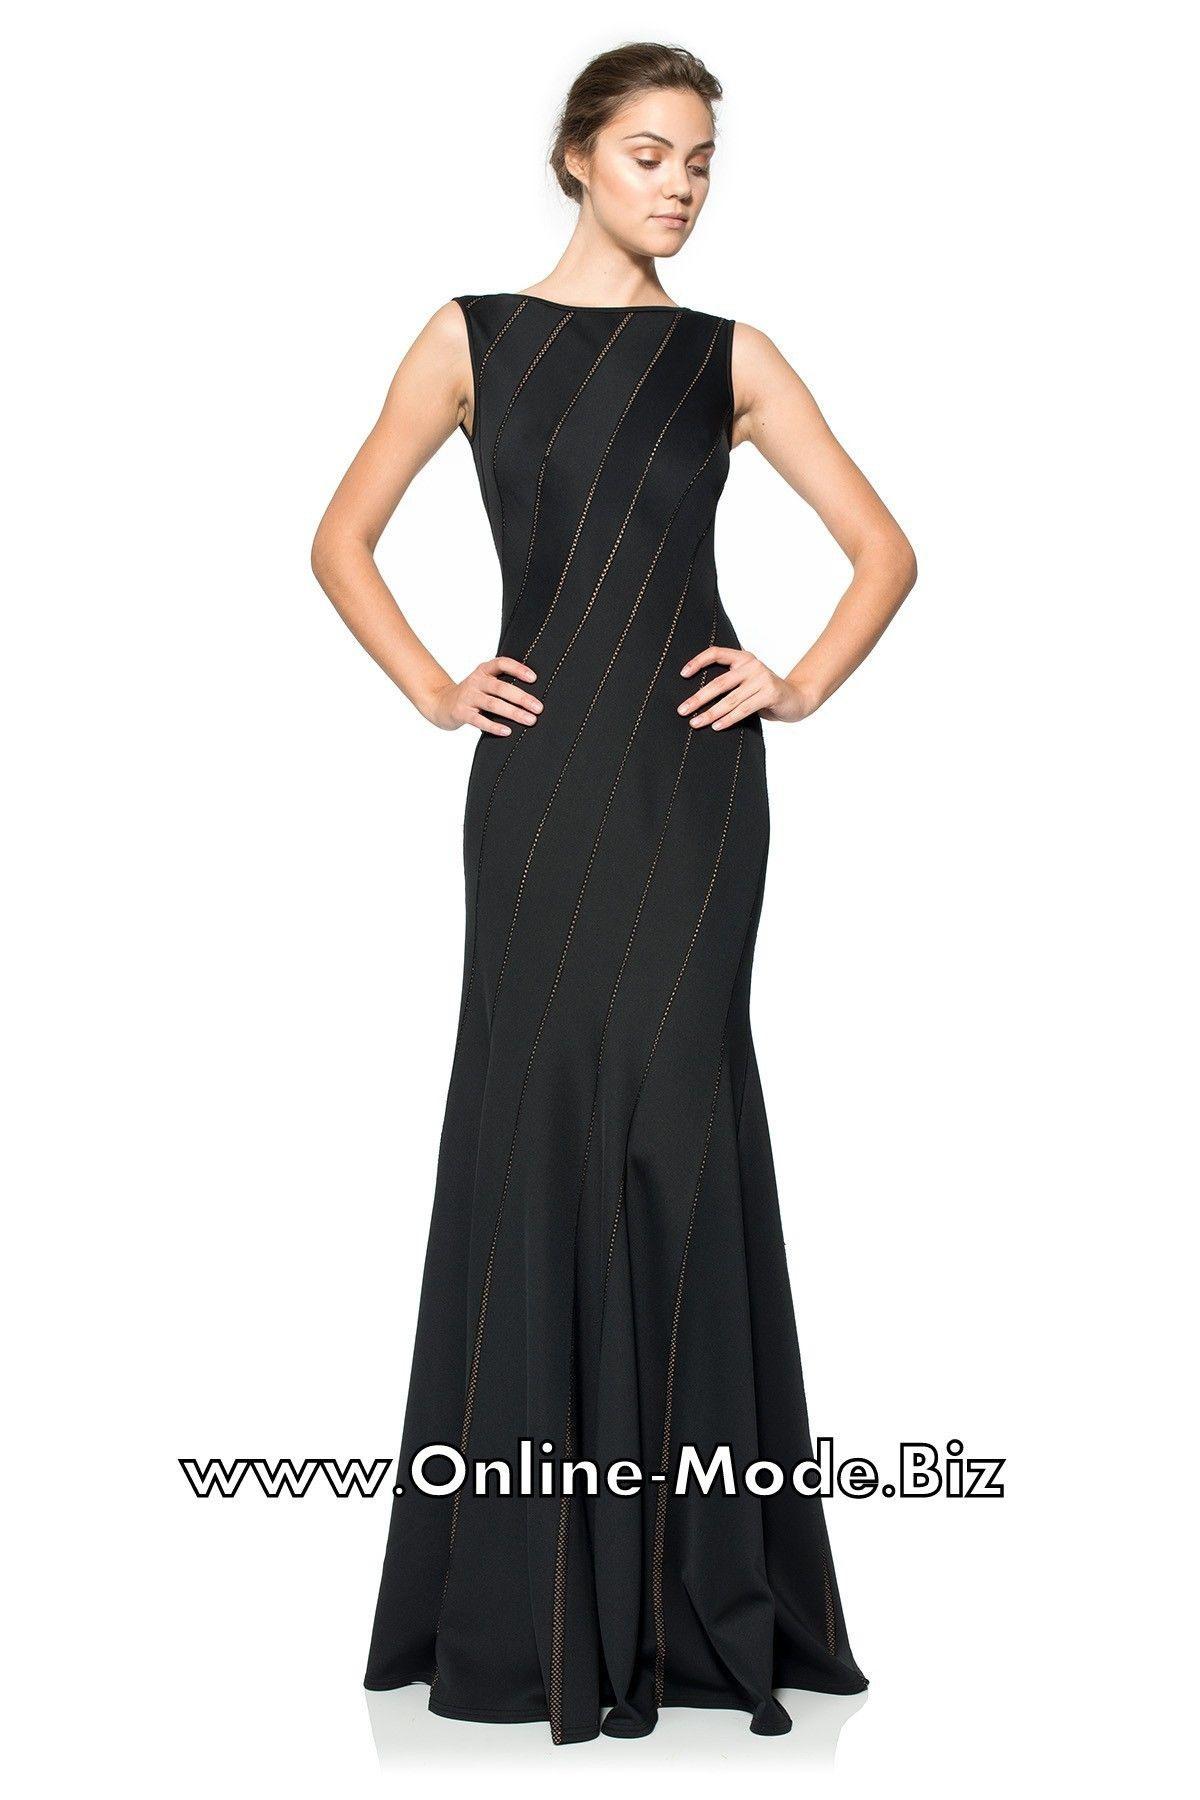 20 Genial Abendkleid Xxl ÄrmelDesigner Fantastisch Abendkleid Xxl Galerie